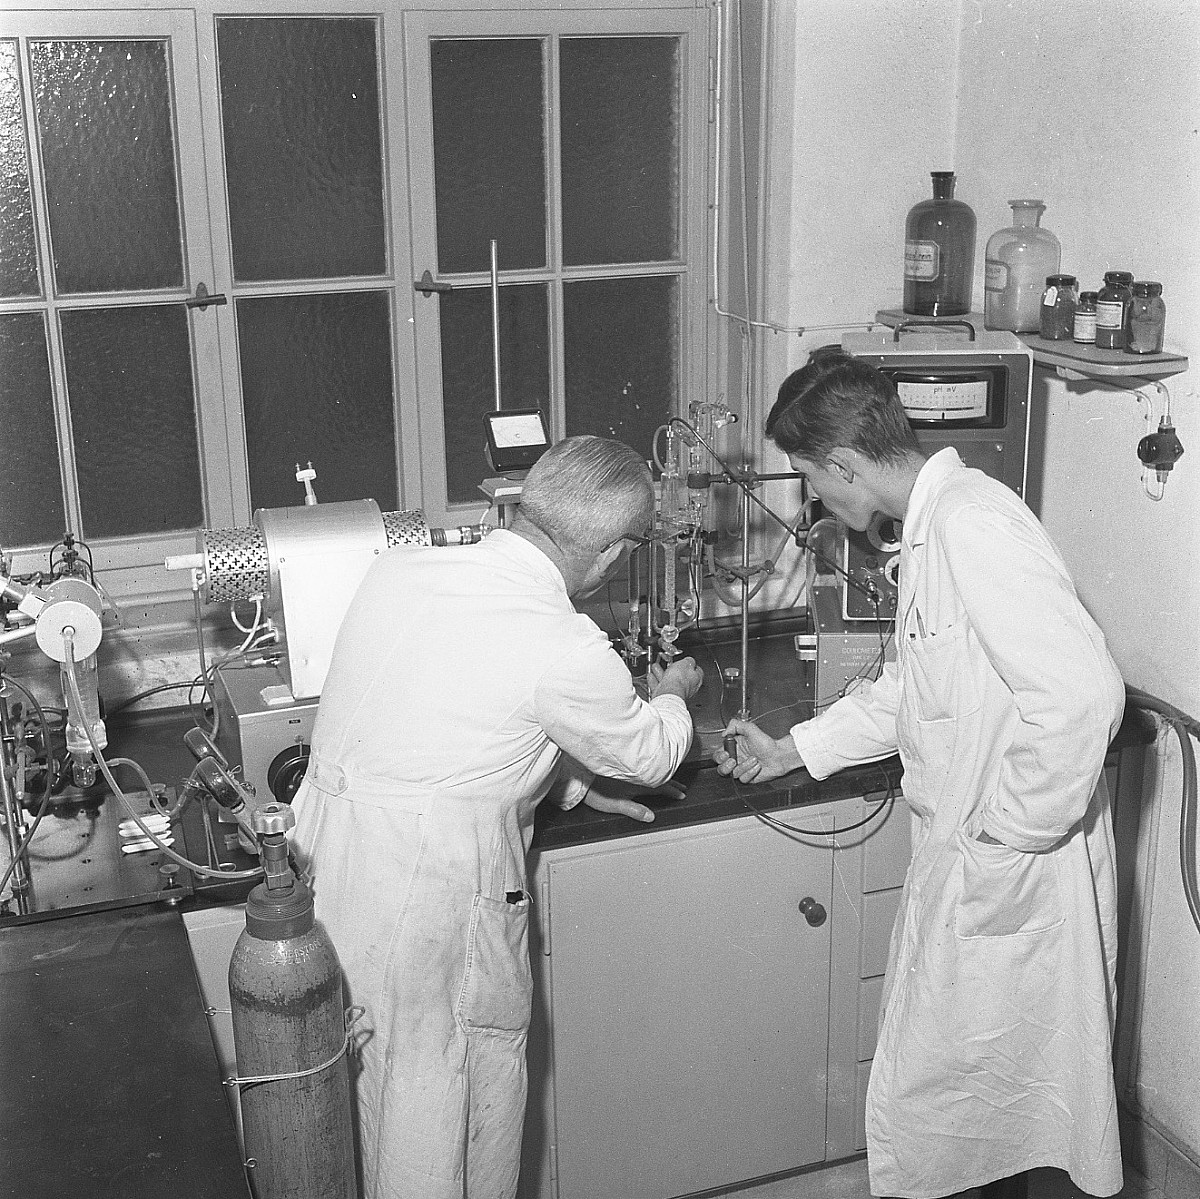 GFA 17/571508.4: Reportage: education of the laboratory apprentice